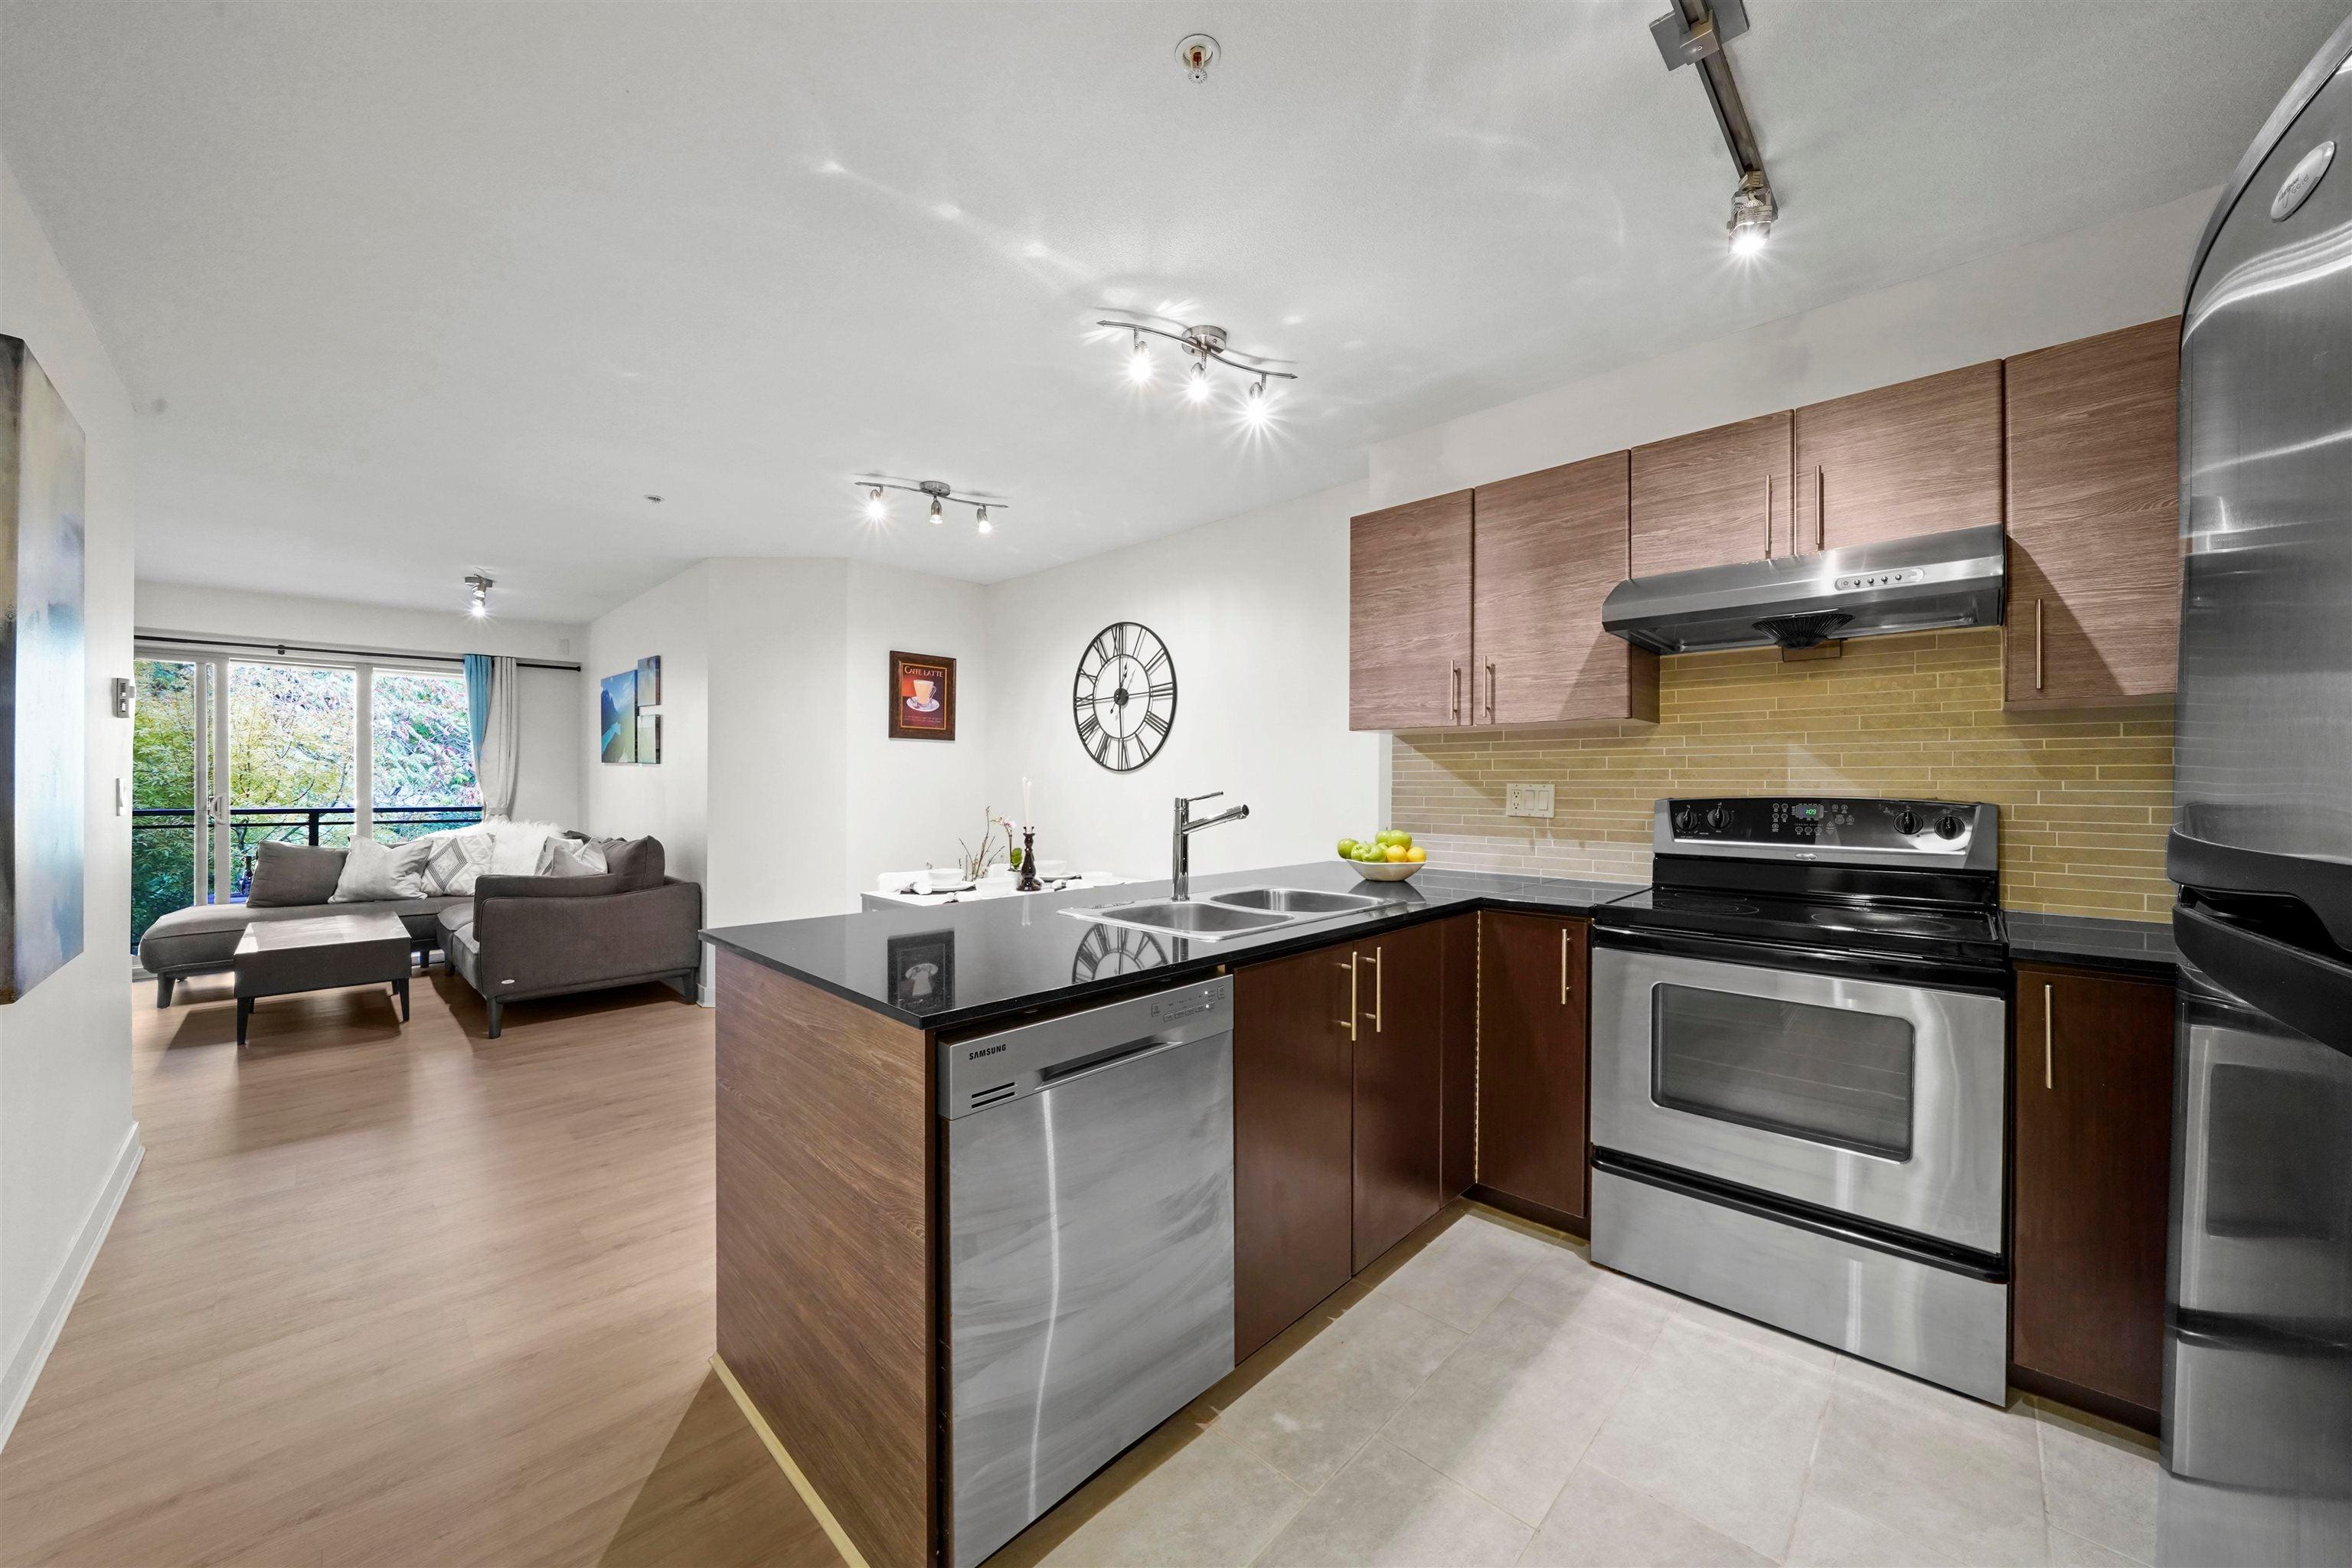 319 1633 MACKAY AVENUE - Pemberton NV Apartment/Condo for sale, 2 Bedrooms (R2624916) - #4